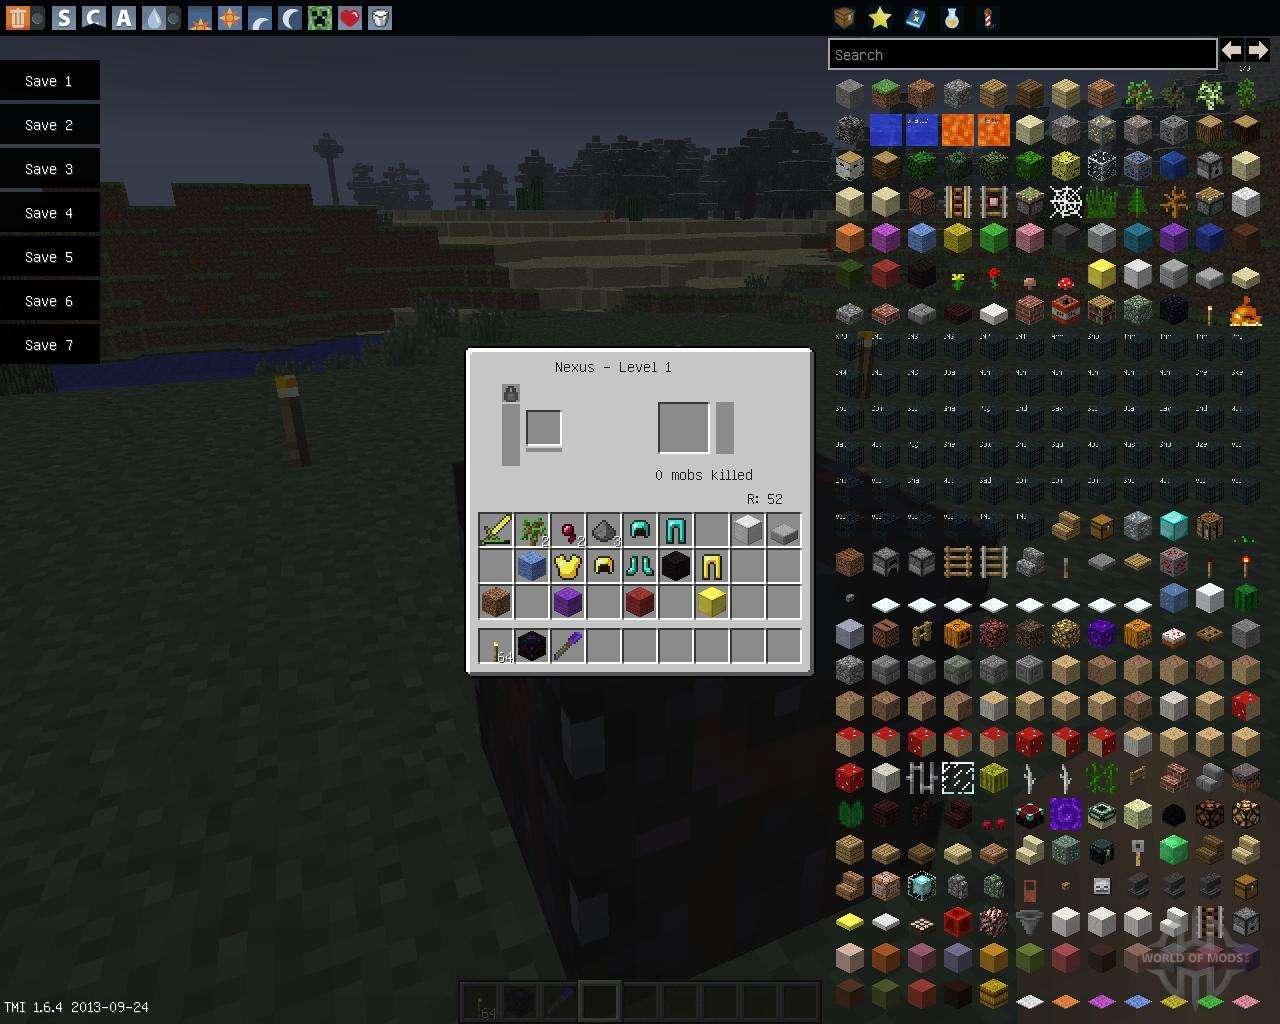 Моды на Майнкрафт 1.7.10, Моды для Майнкрафт 1.7 скачать